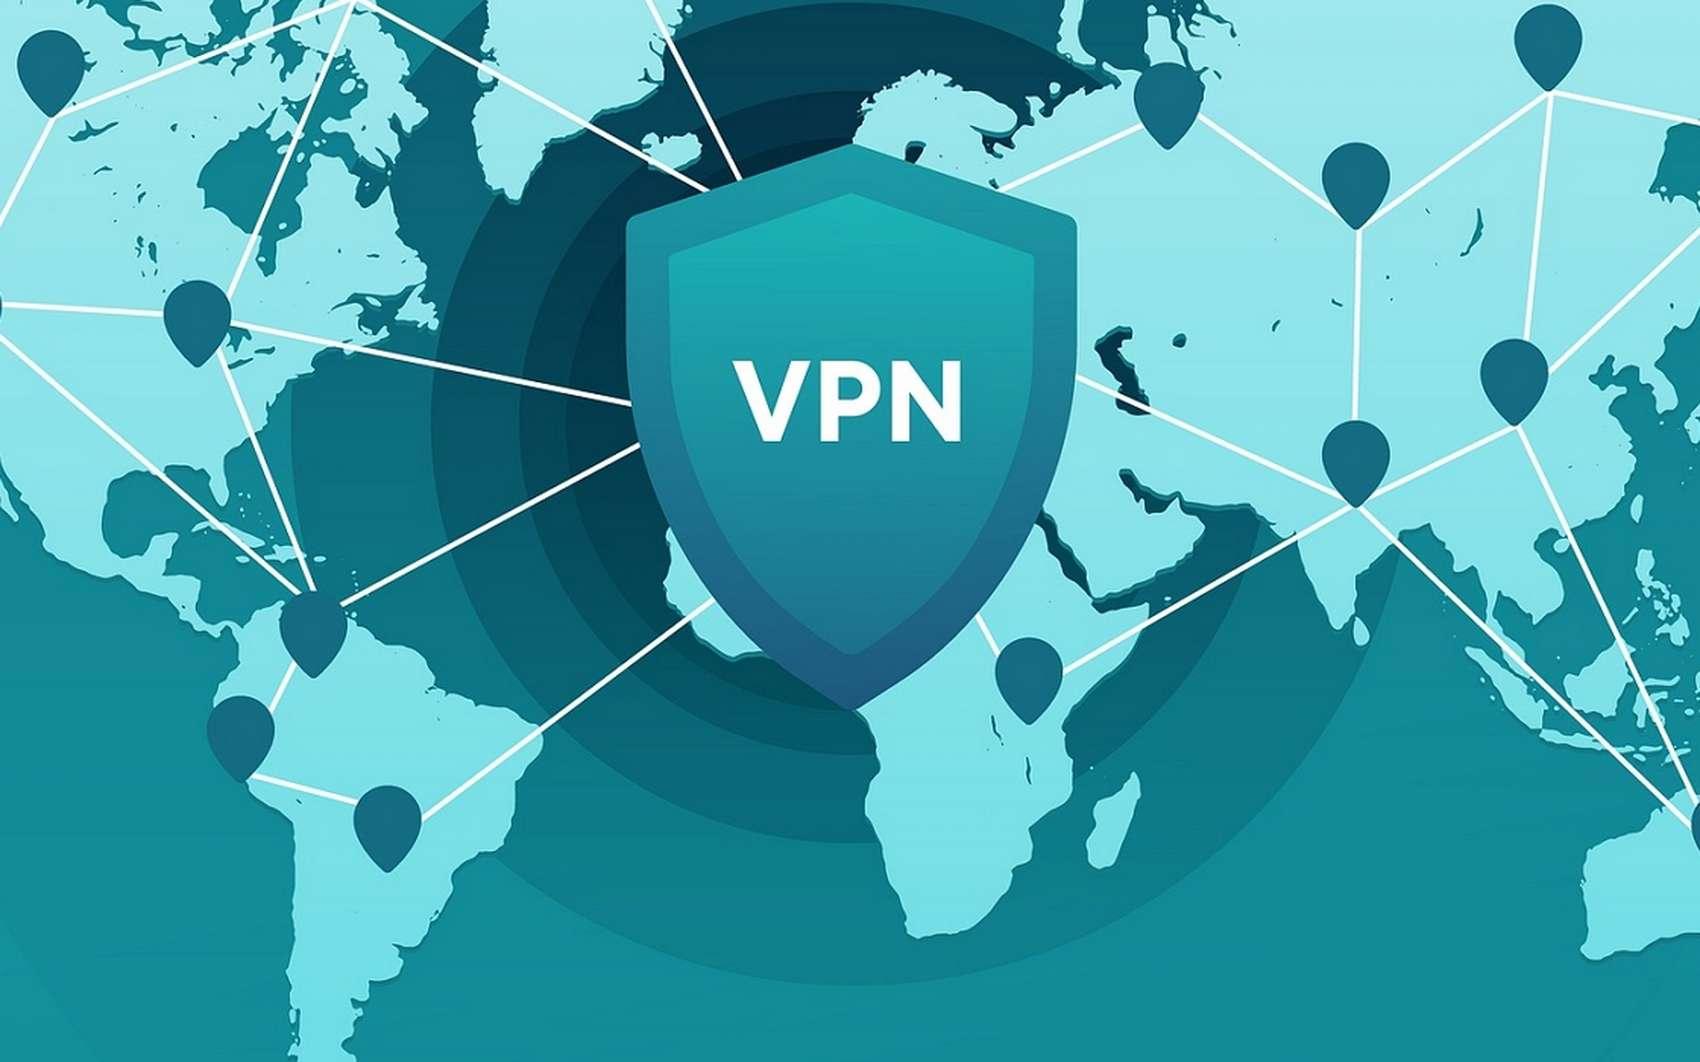 Depuis la version 40 d'Opera, sortie en septembre 2016, le navigateur intègre un VPN gratuit. © Pixabay.com